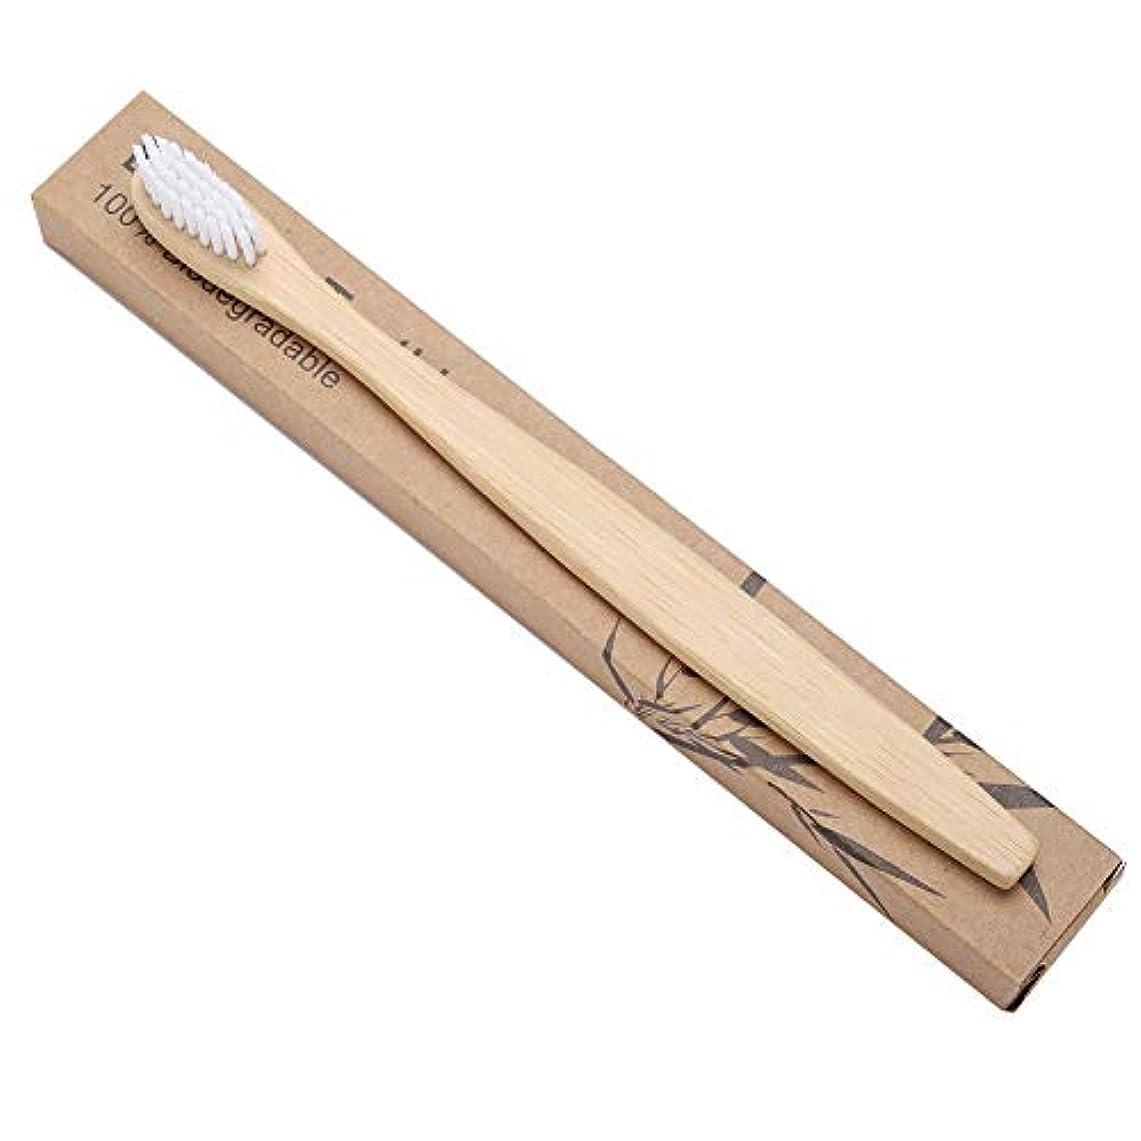 創始者プランター裏切る口の健康 贅沢ケア 柔らかい歯ブラシ 歯ブラシ 歯周ケアハブラシ 超極細毛 コンパクトかため 竹ハンドル ブラシ 知覚過敏予防 大人用ハブラシ 3本 色は選べません(ホワイト)